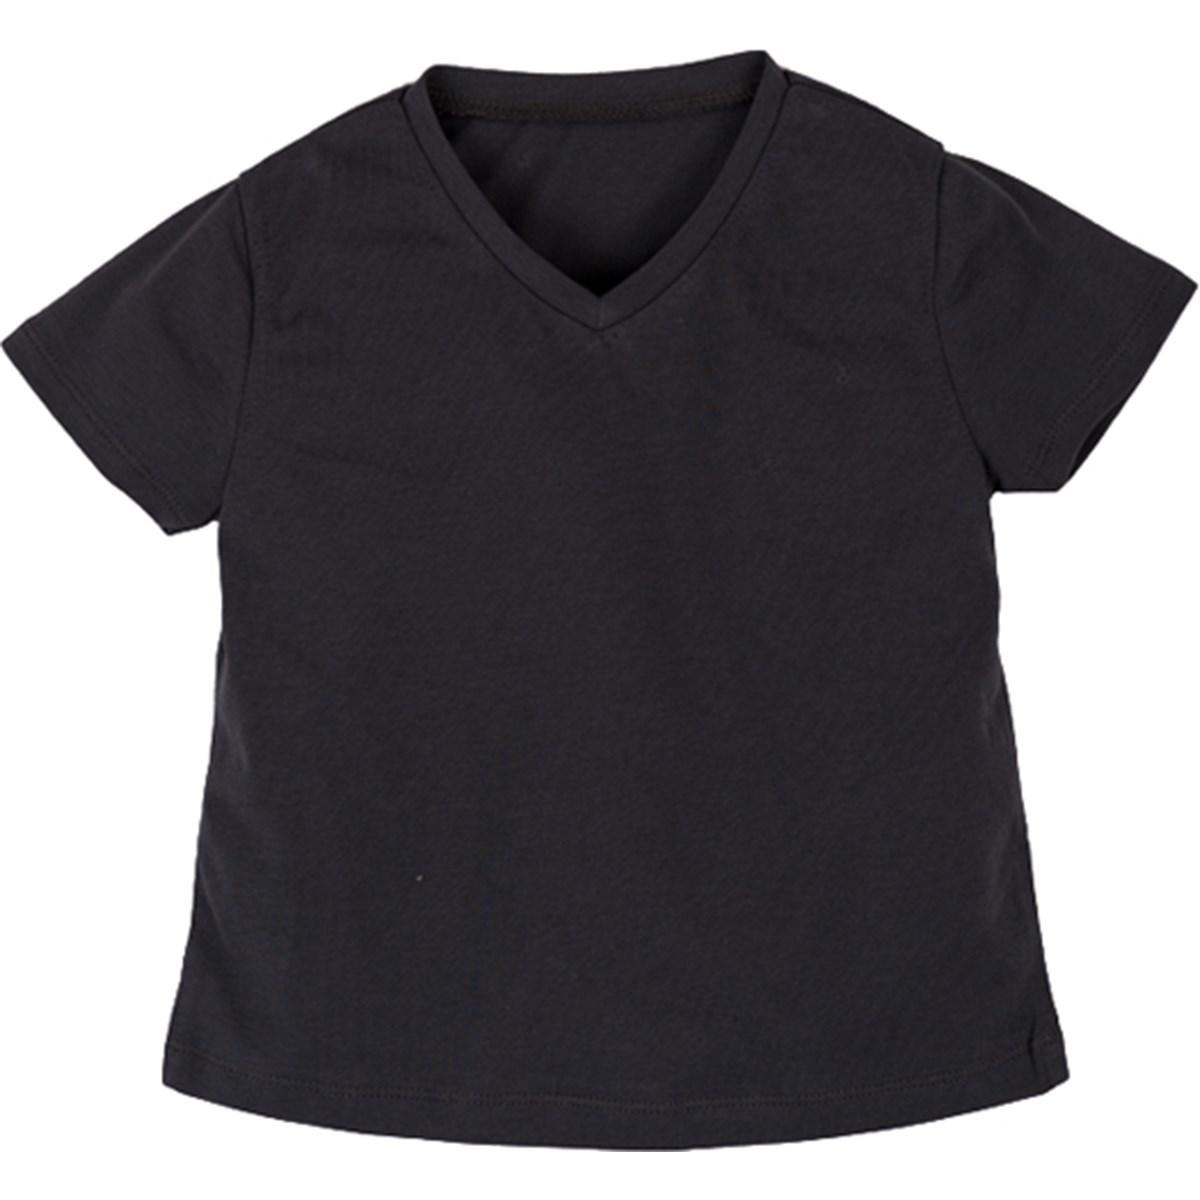 8672 Tshirt 1